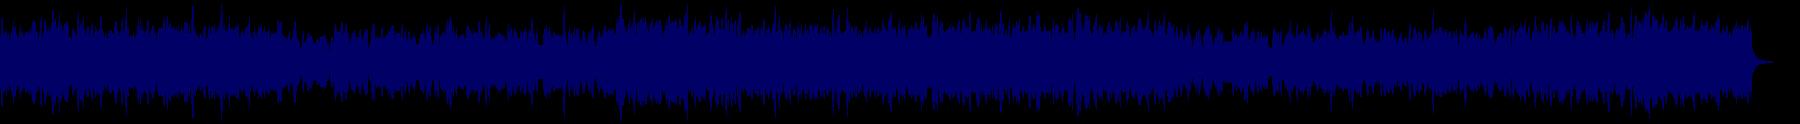 waveform of track #79619